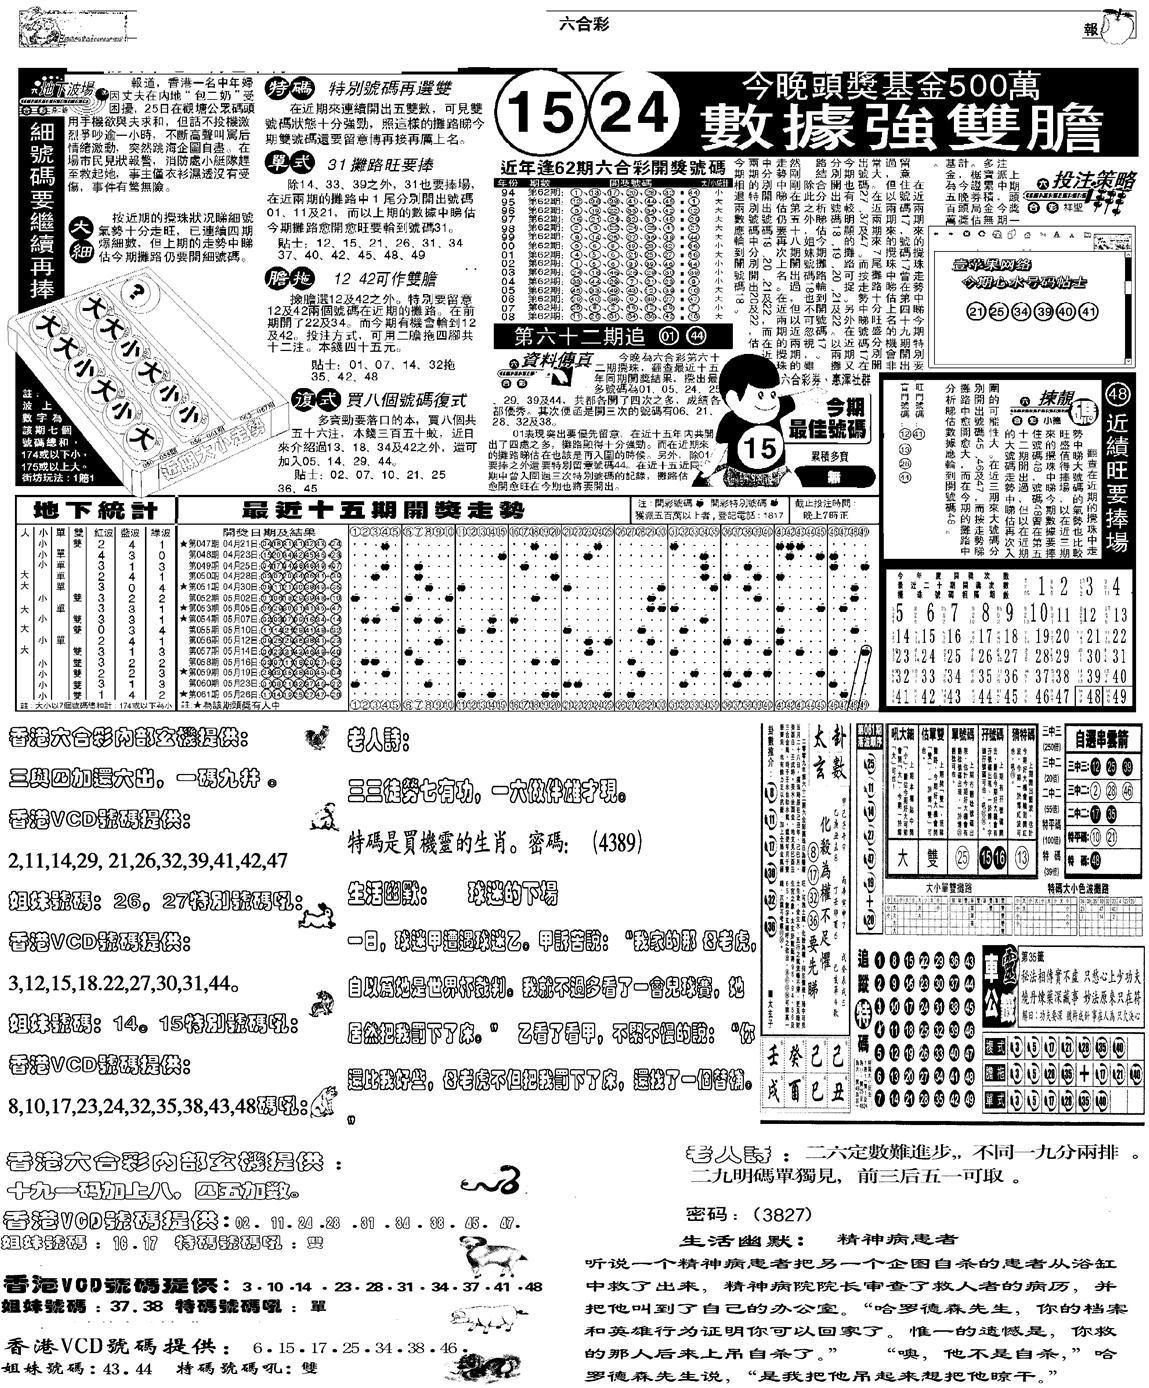 062期当日报-5(黑白)